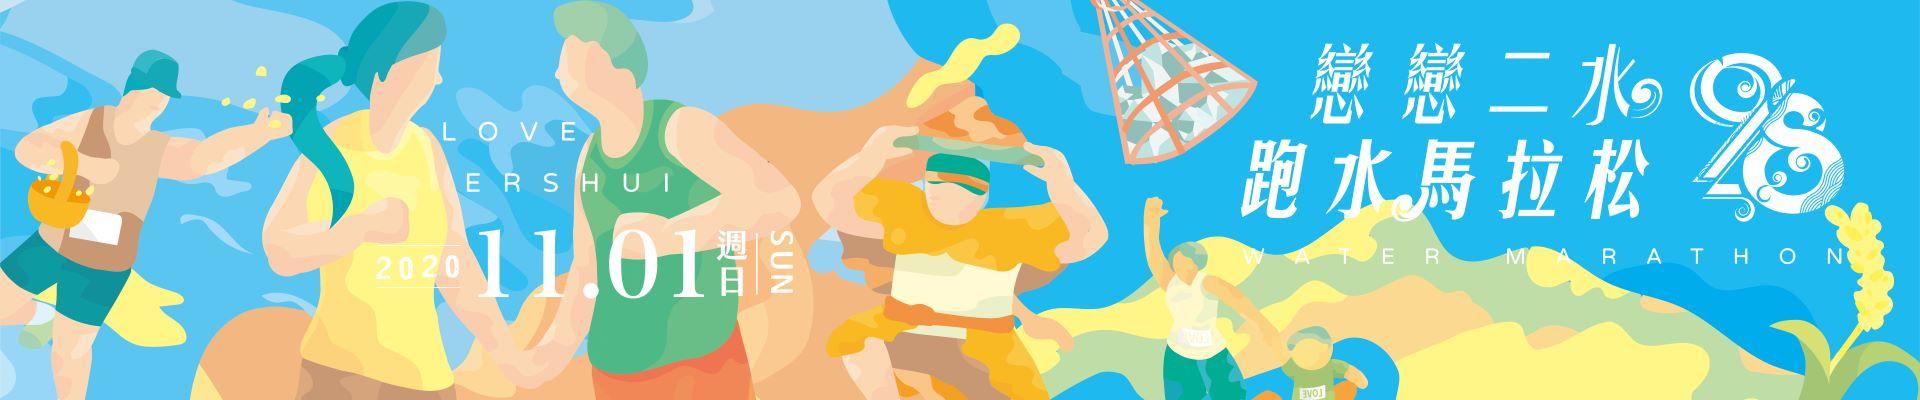 2020 戀戀二水 跑水馬拉松-主視覺